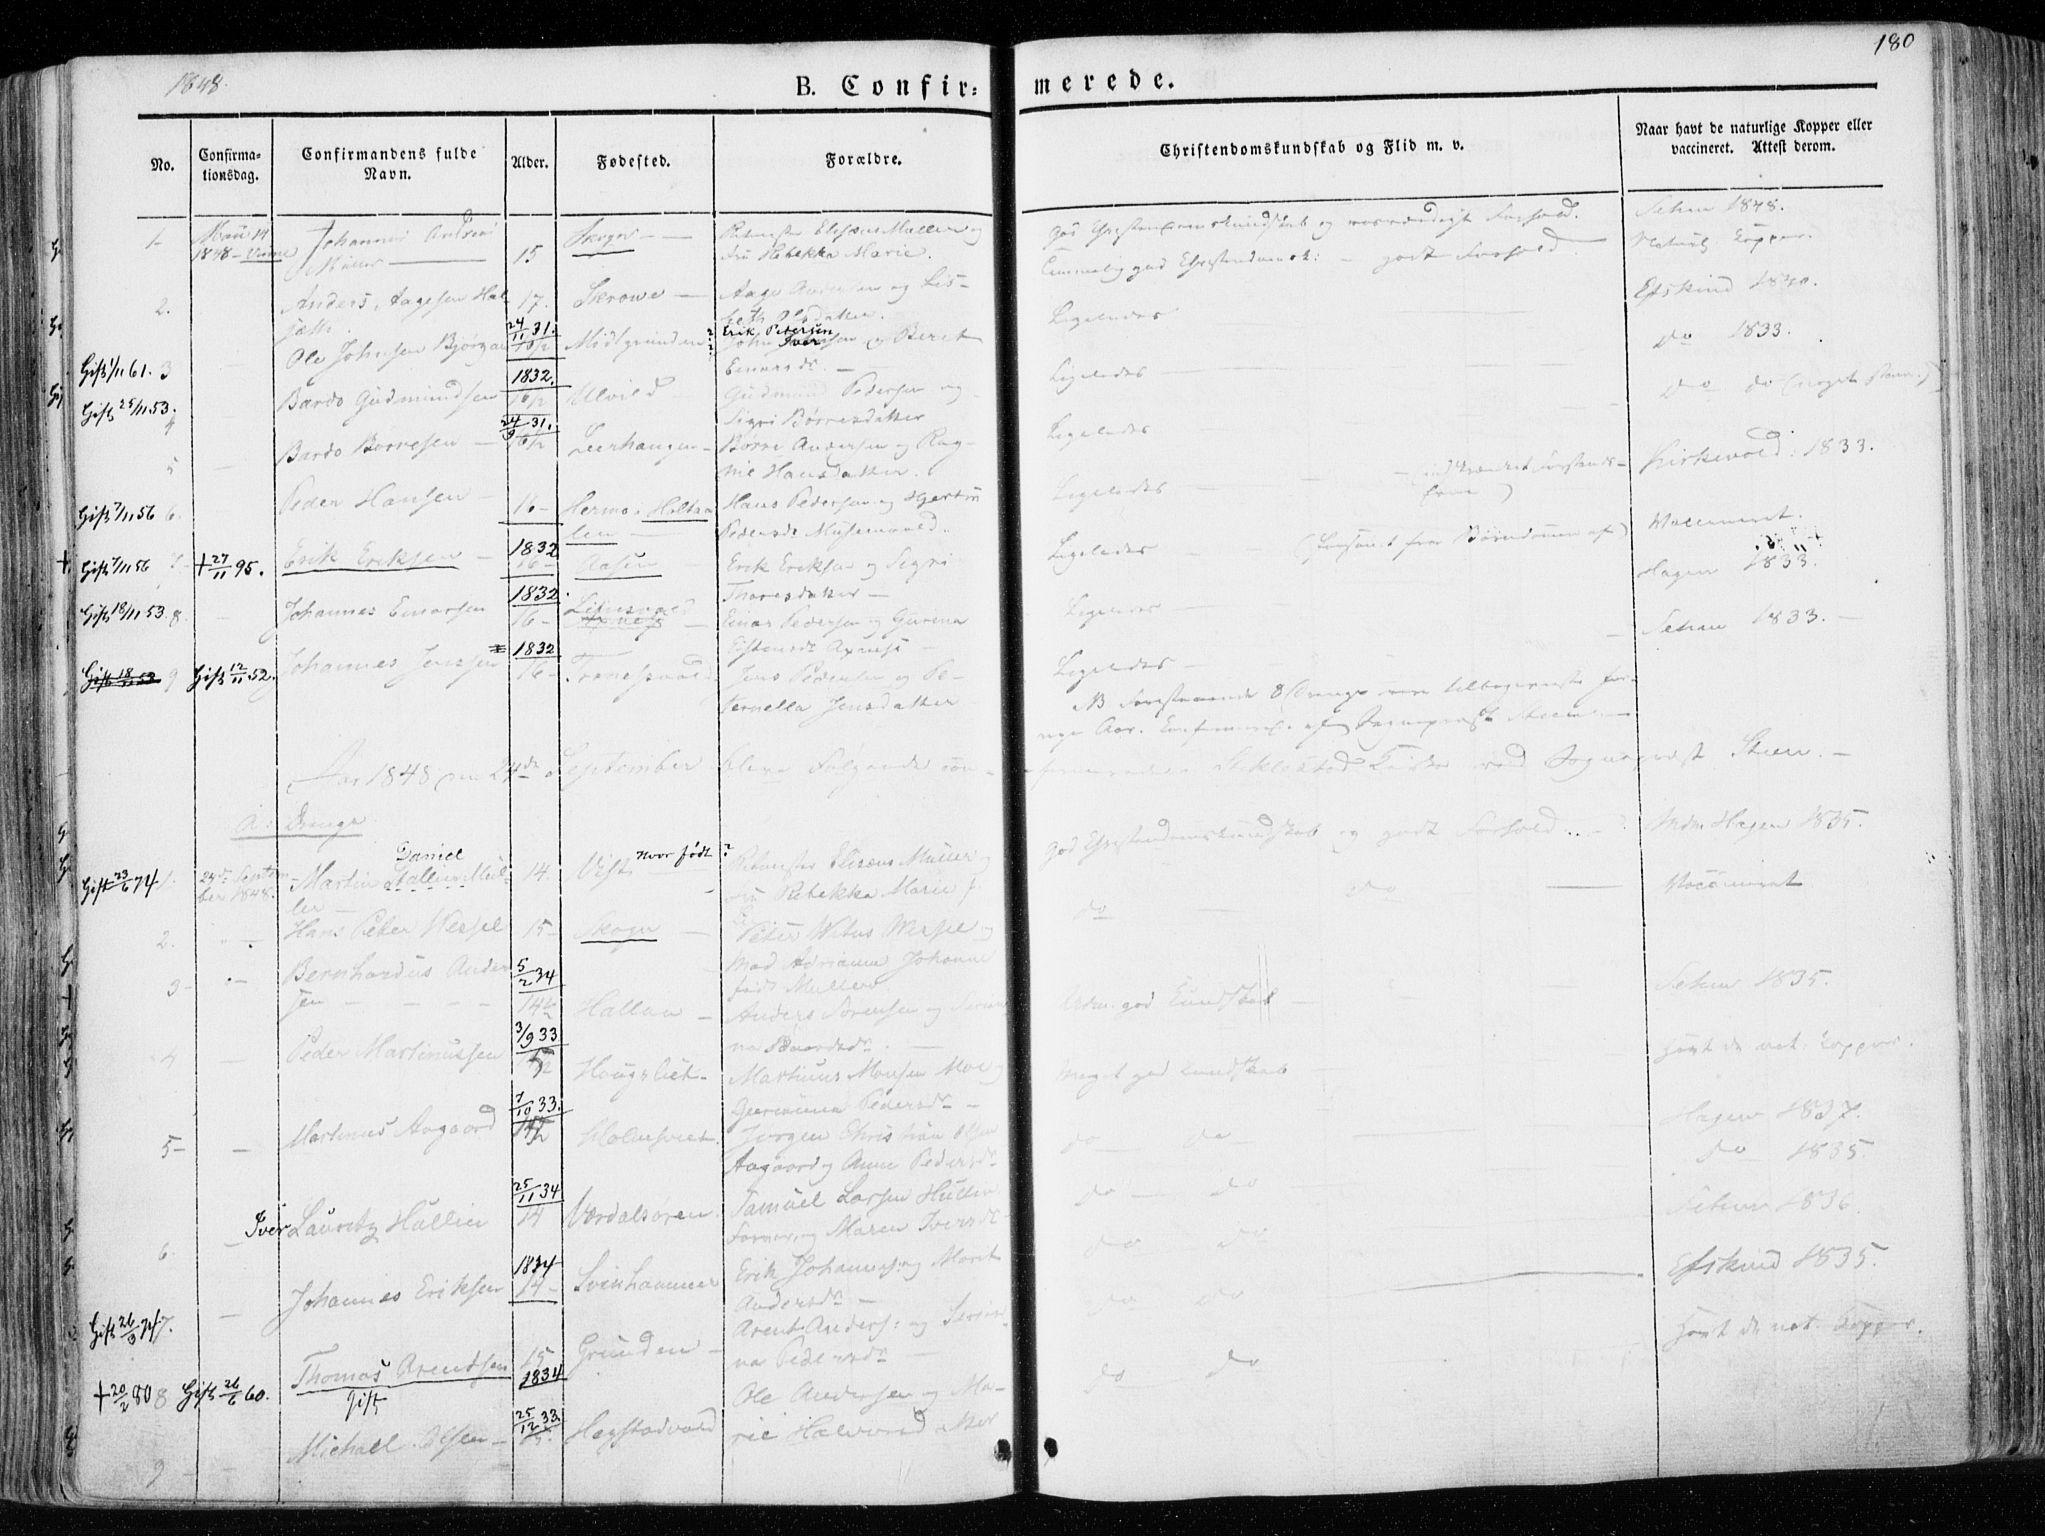 SAT, Ministerialprotokoller, klokkerbøker og fødselsregistre - Nord-Trøndelag, 723/L0239: Ministerialbok nr. 723A08, 1841-1851, s. 180